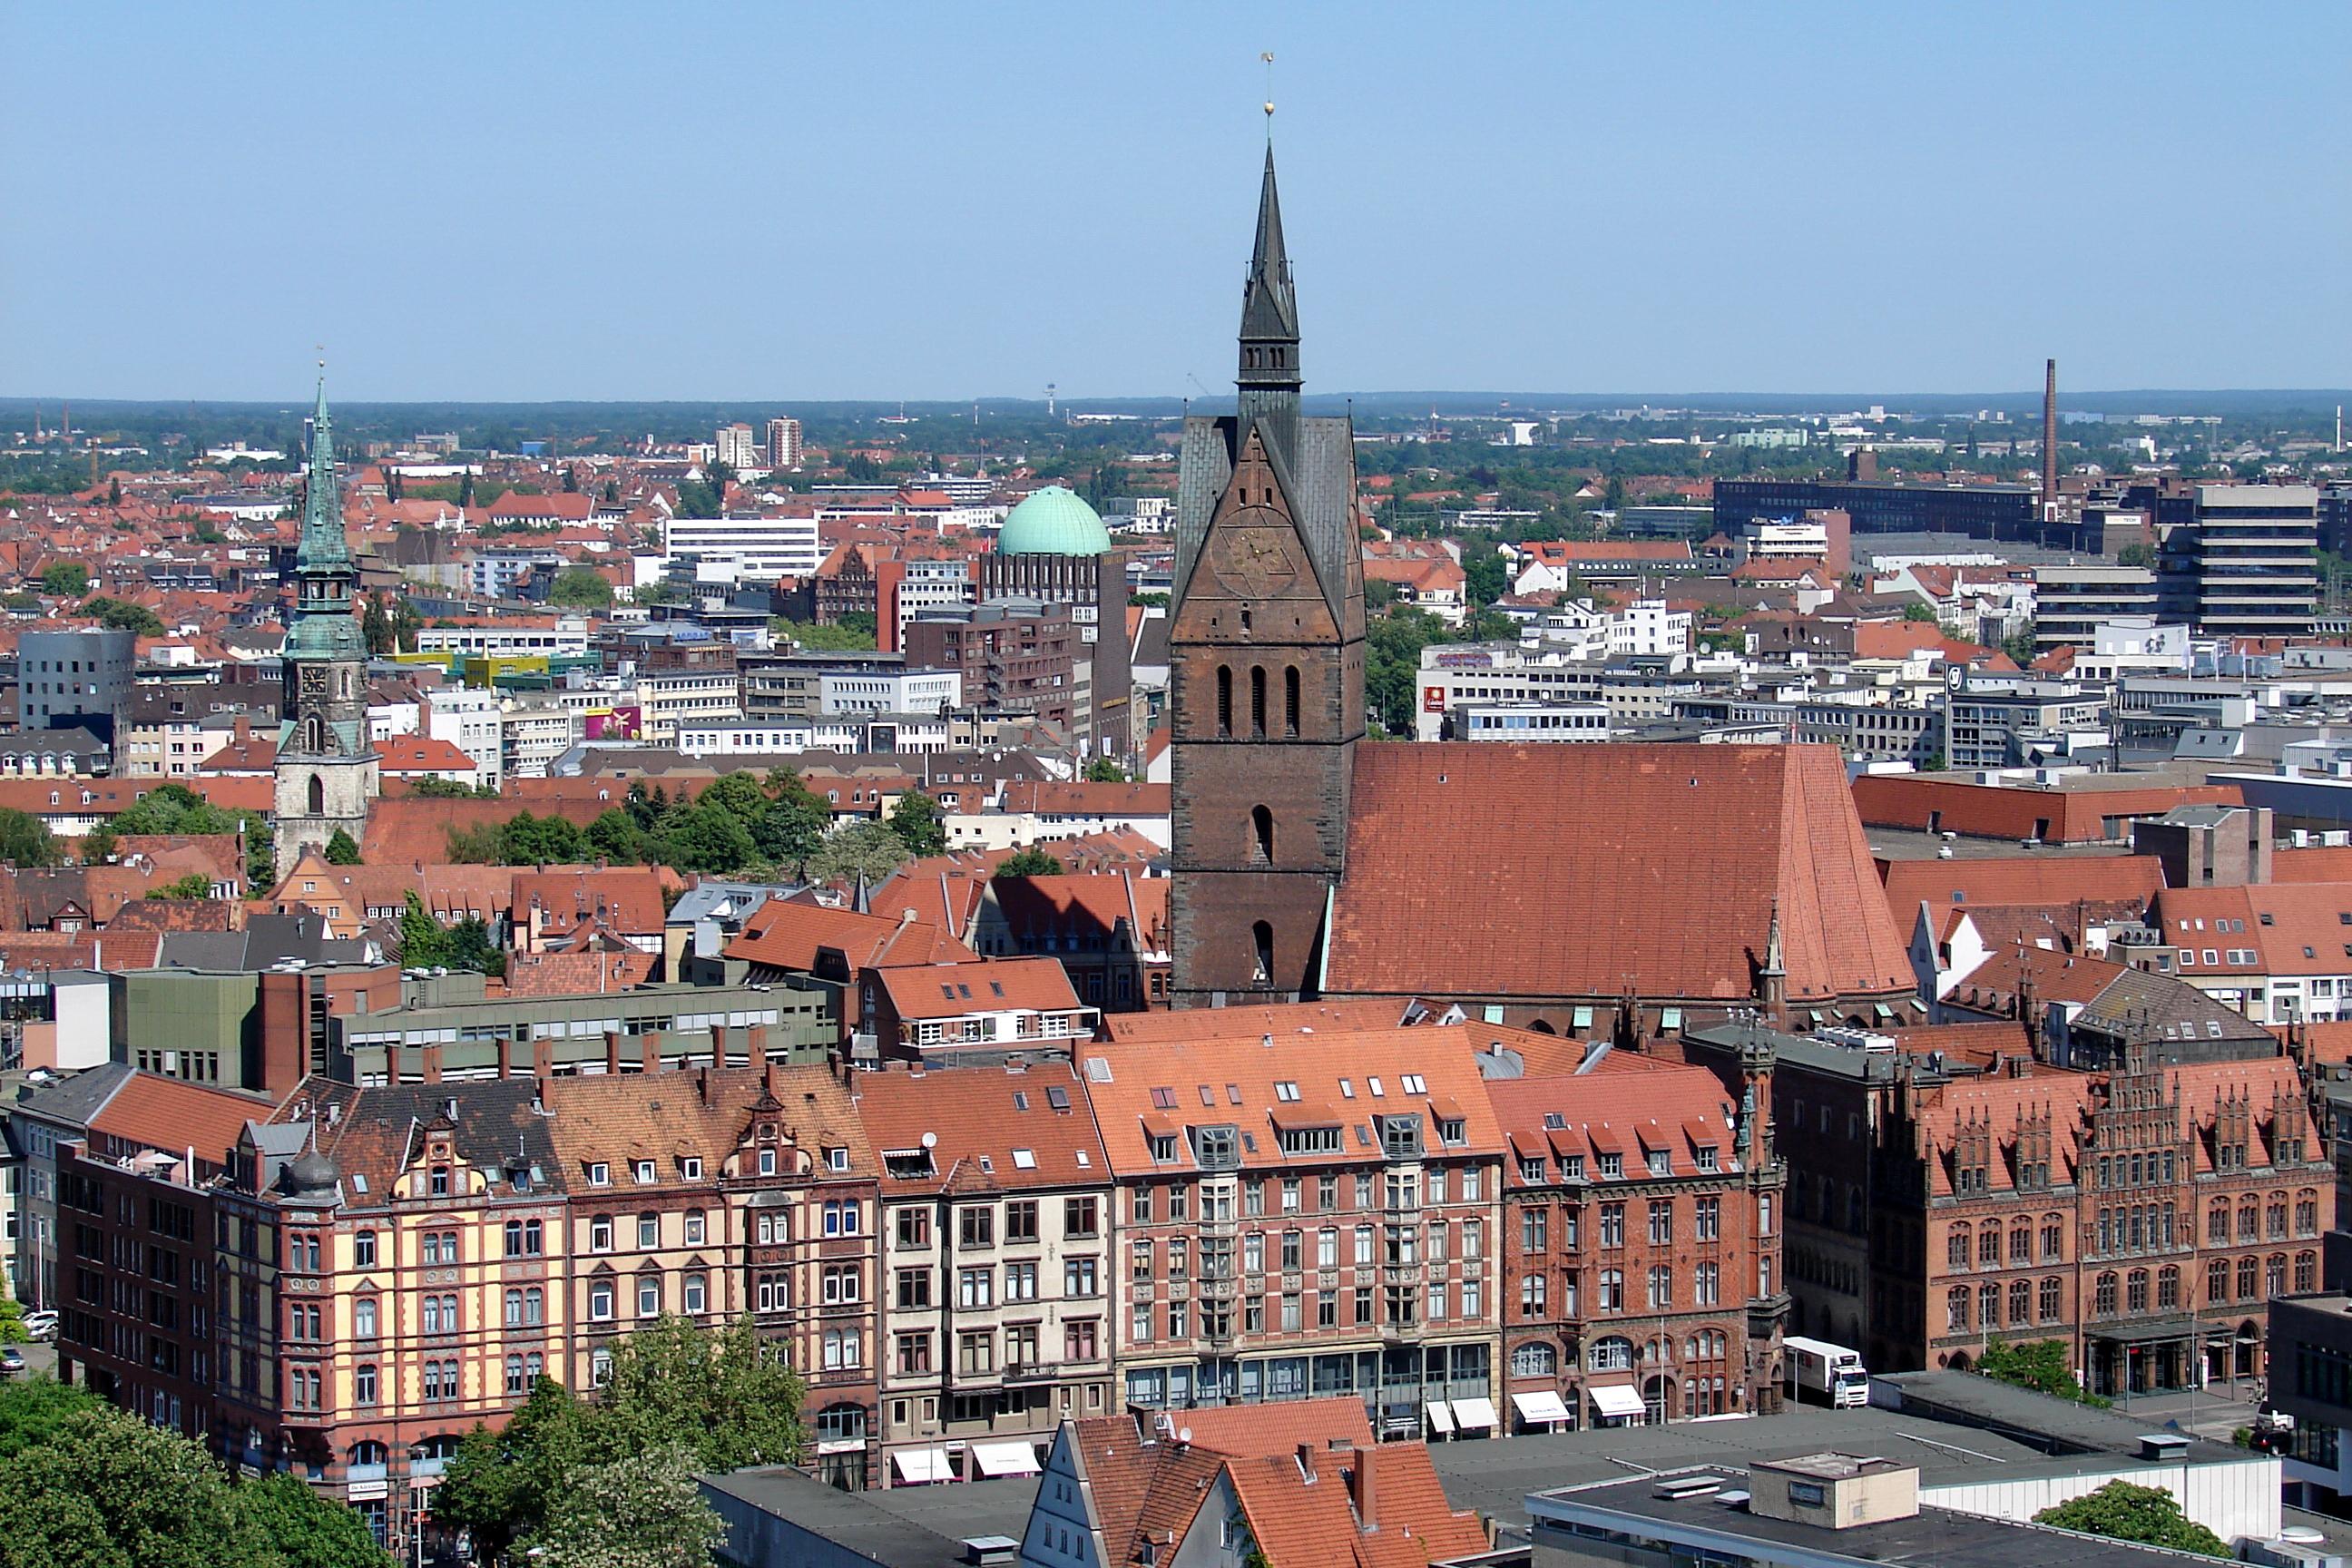 Niedersachsen Hannover